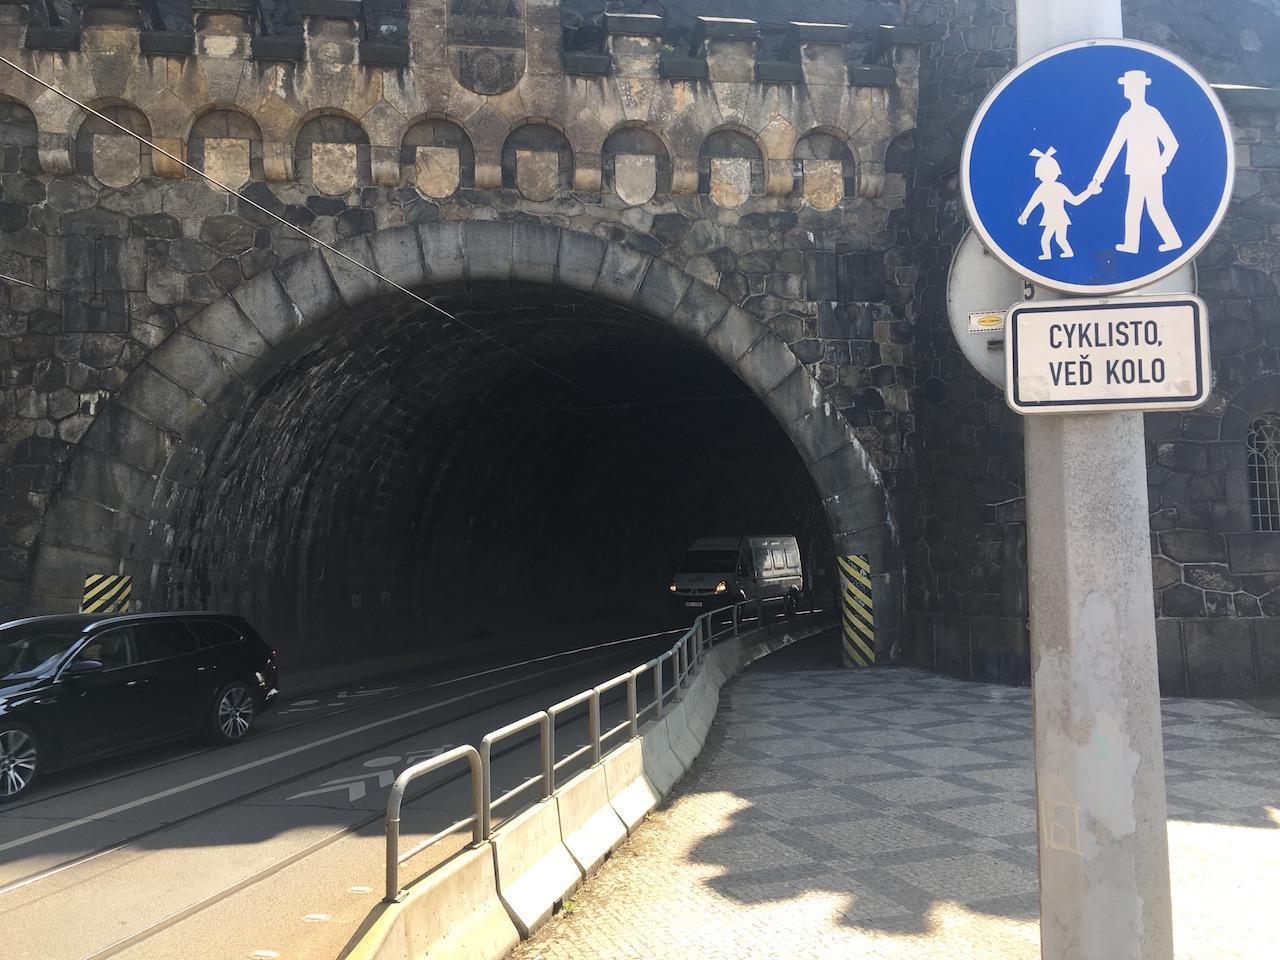 Vyšehradským tunelem smějí cyklisté procházet jen pěšky a vést kolo. Myslíte, že to dodržují?